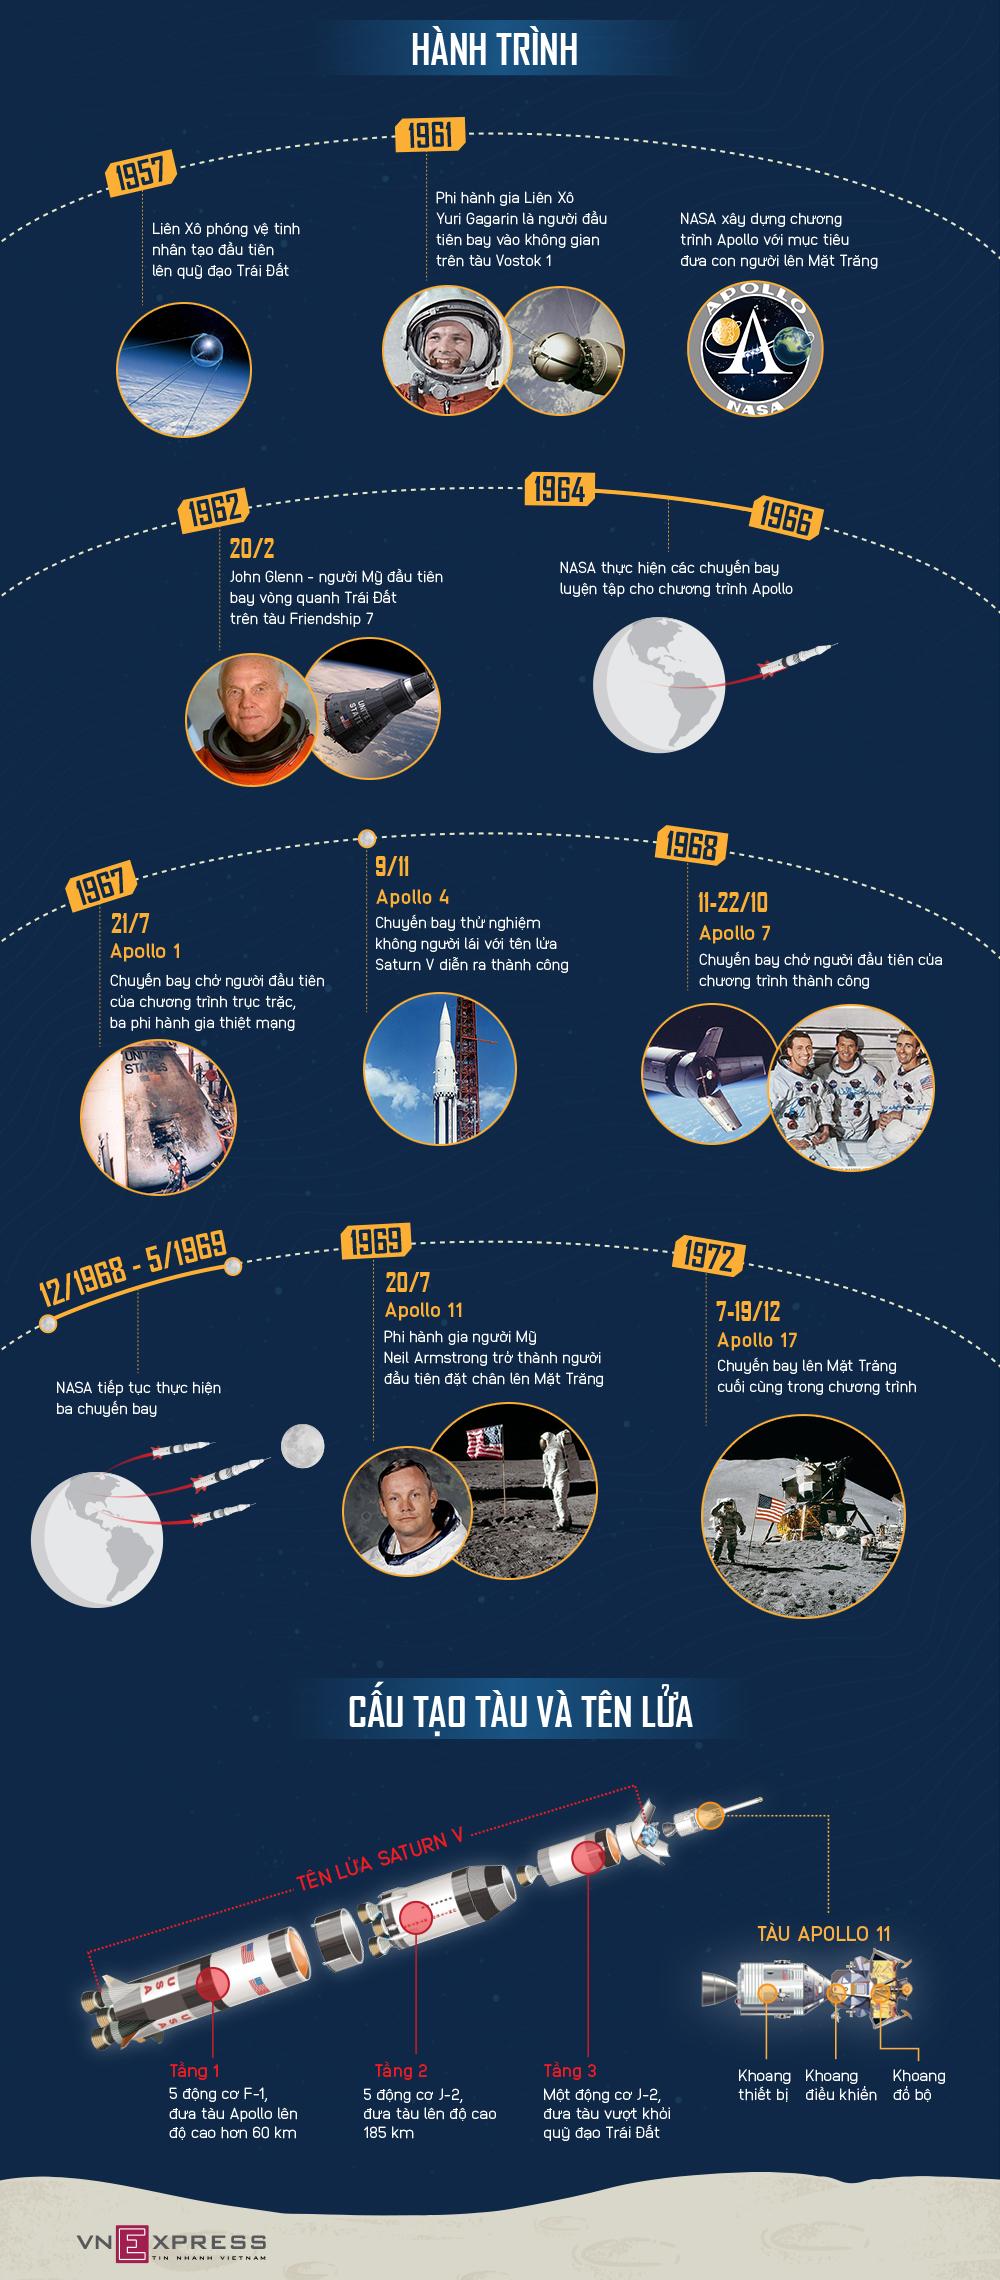 Hành trình con người đặt chân lên Mặt Trăng